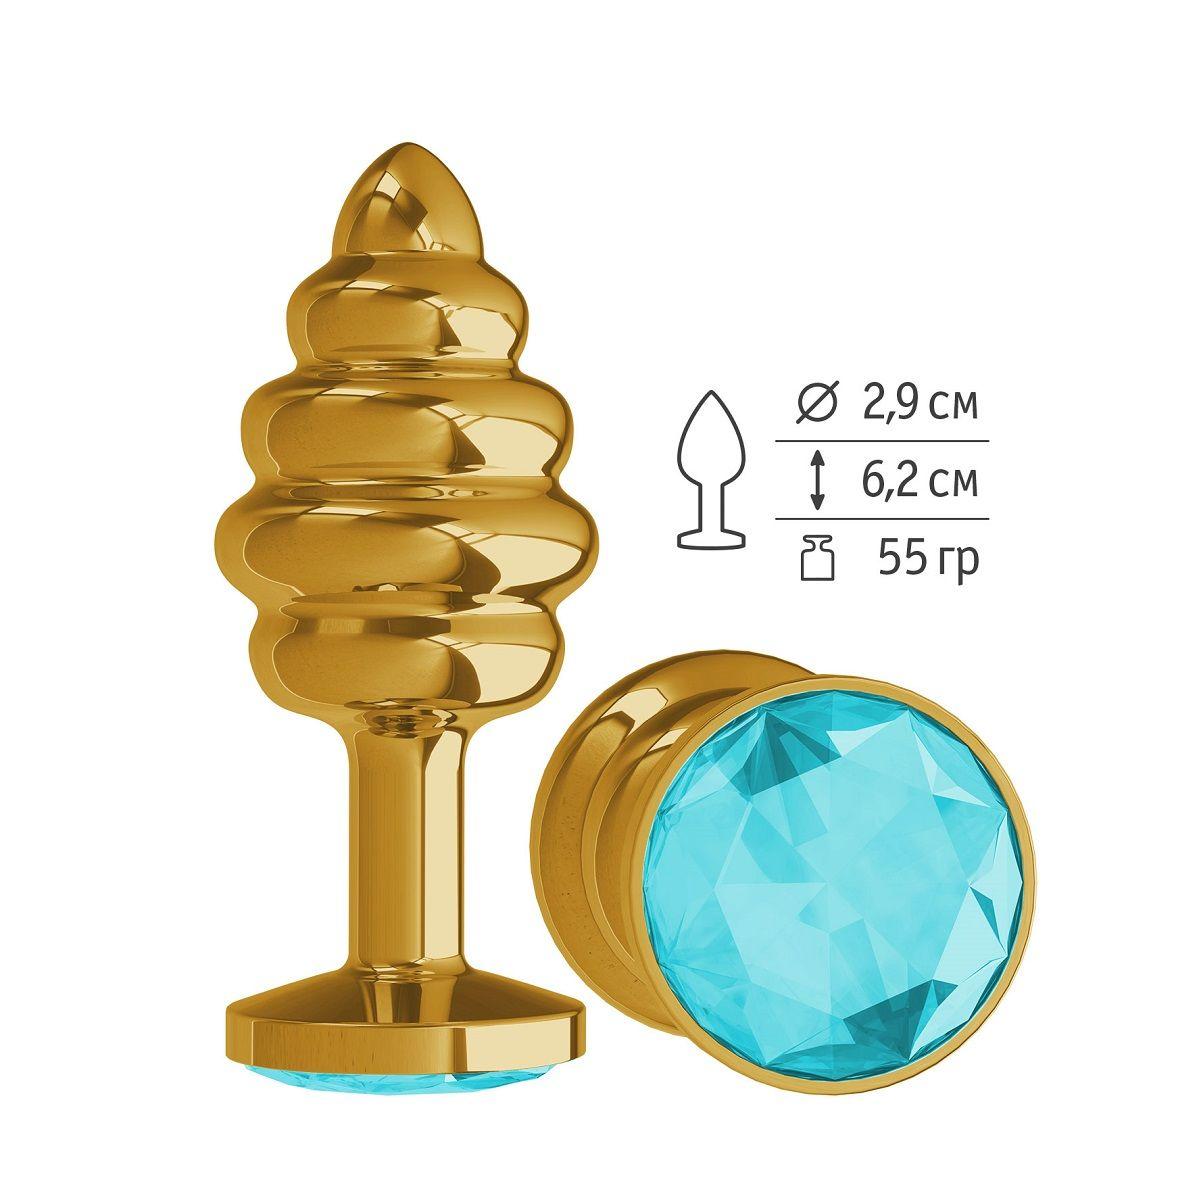 Золотистая пробка с рёбрышками и голубым кристаллом - 7 см. - фото 213293